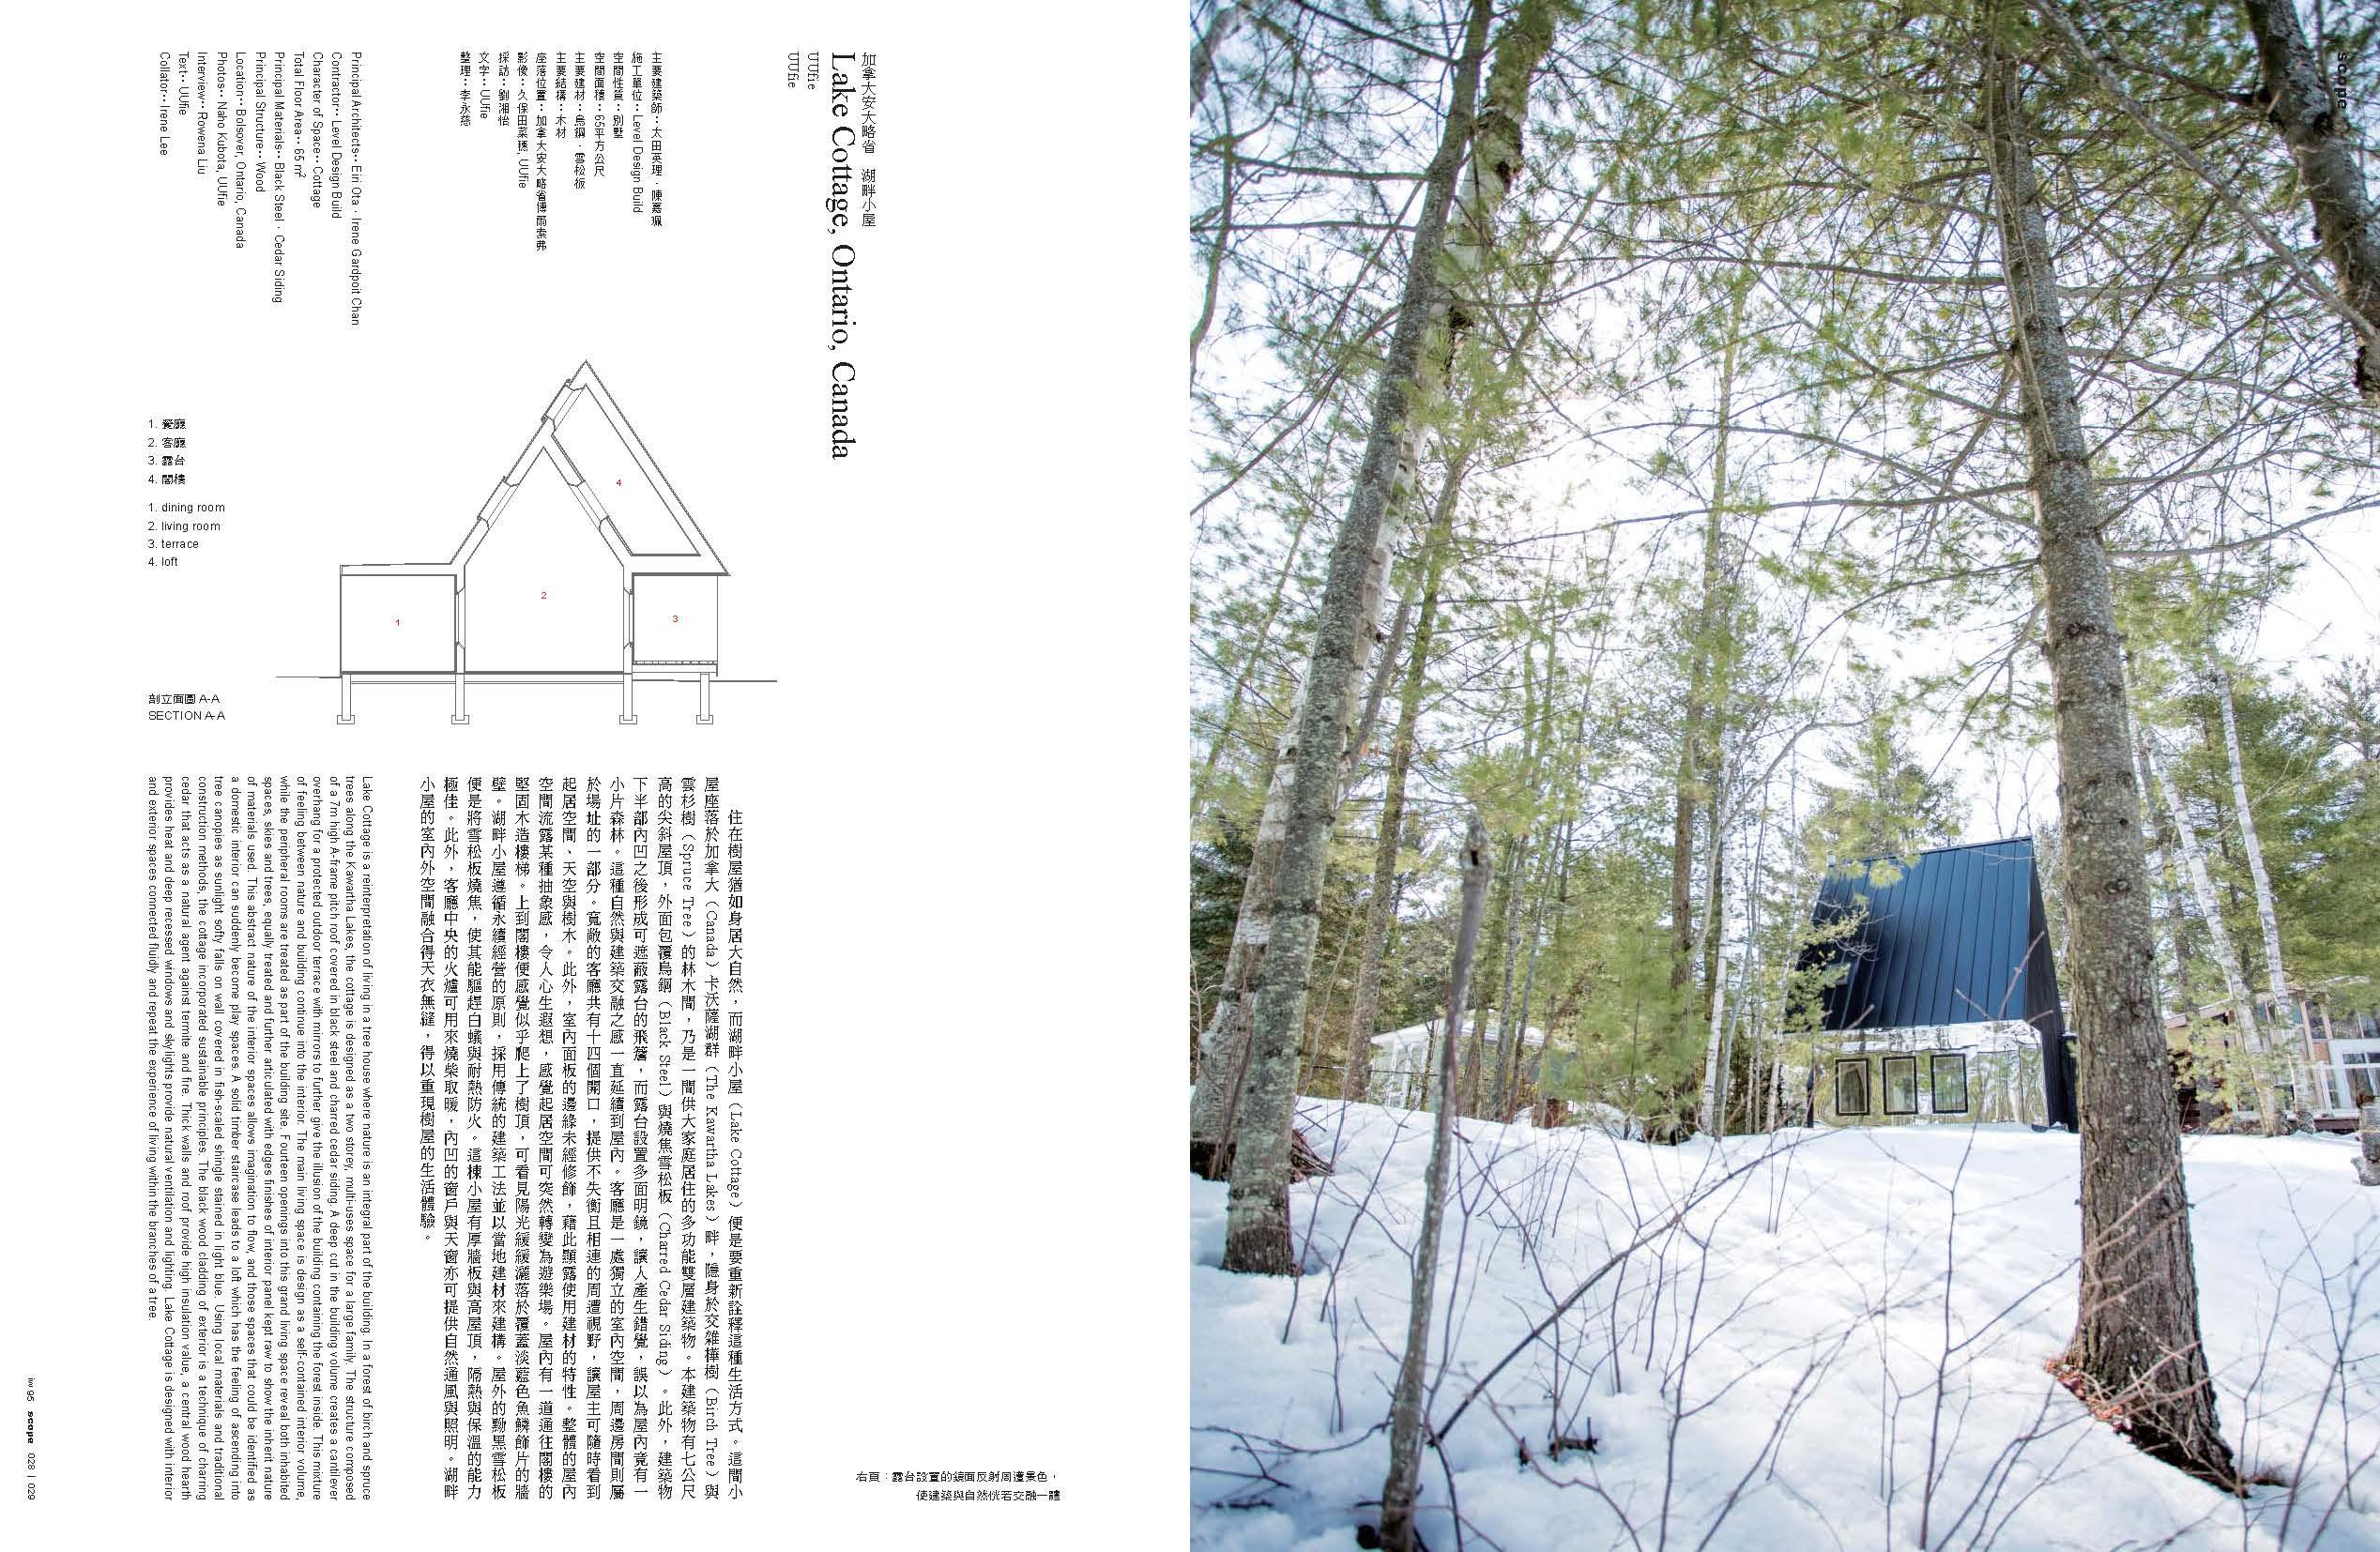 UUfie-Lake Cottage_Page_1